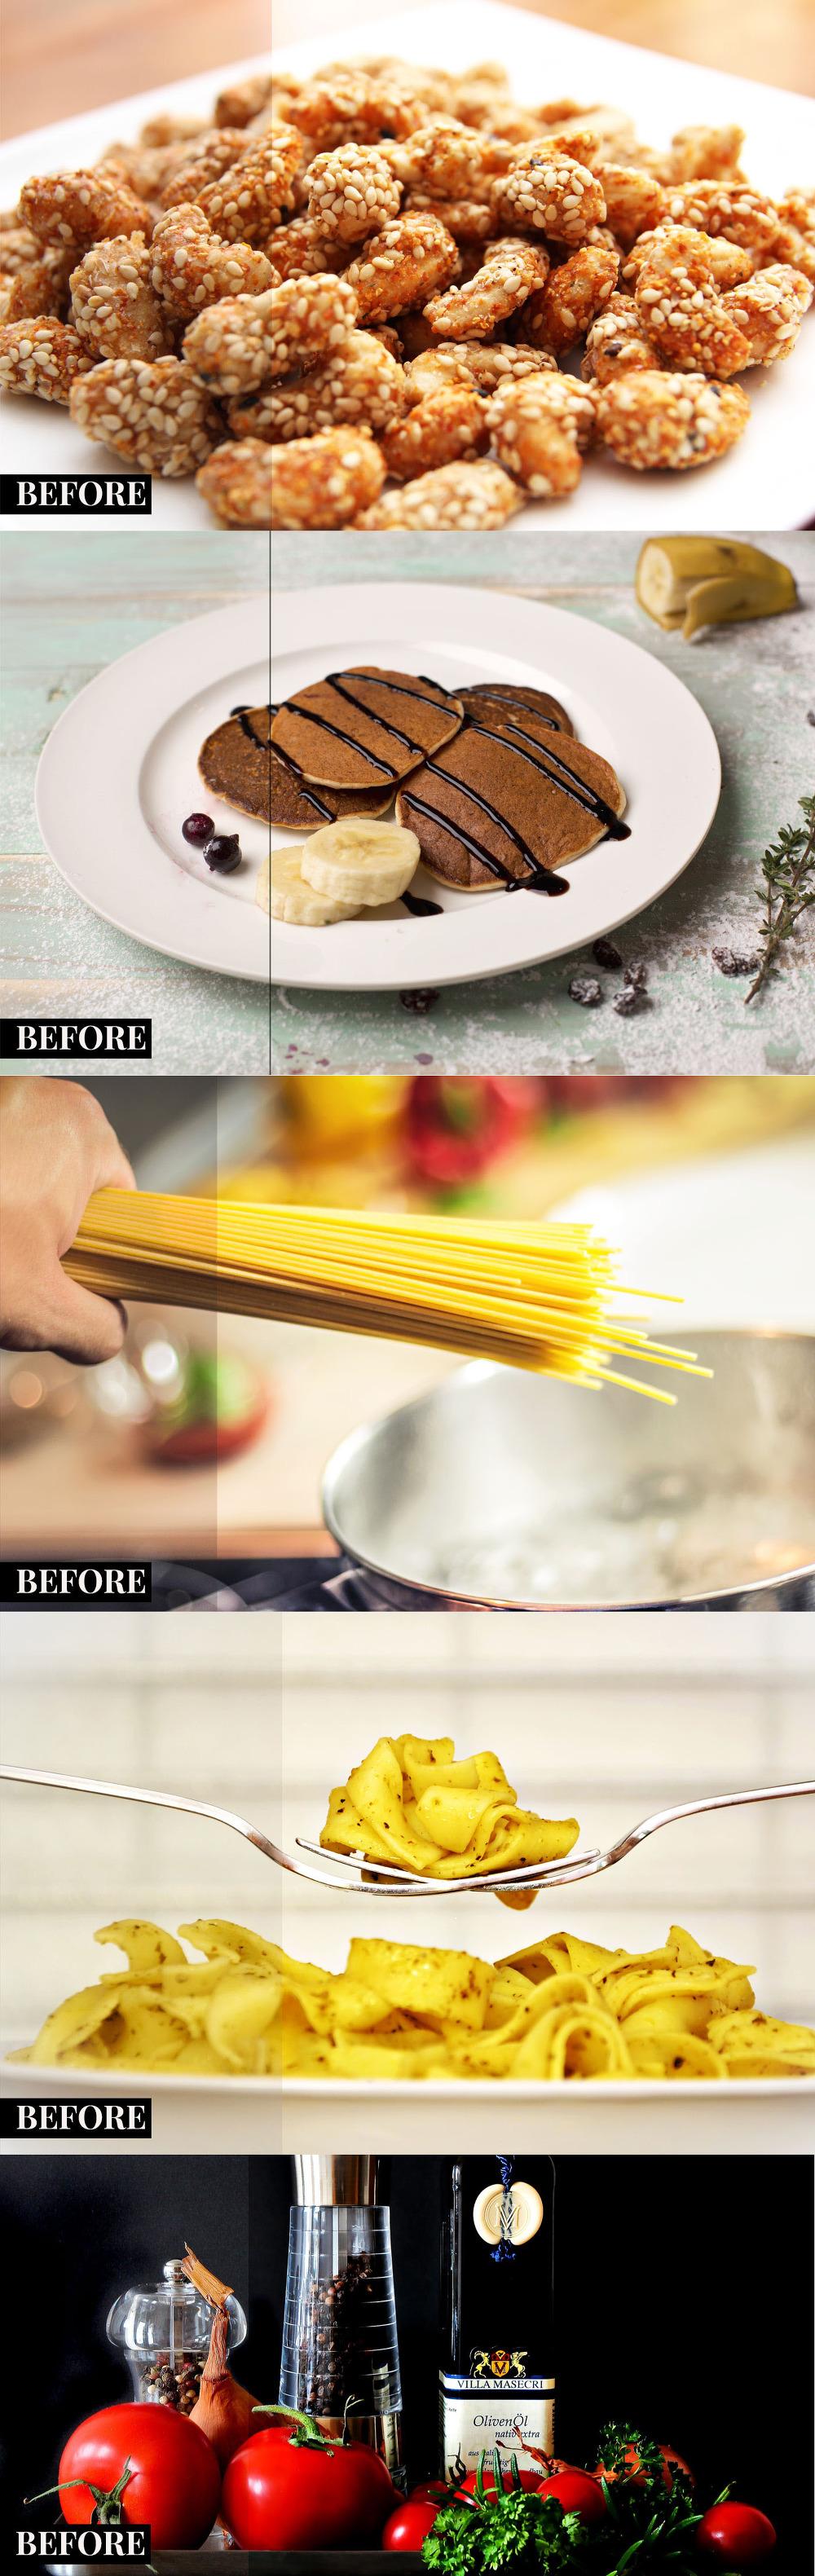 2 가지 무료 음식/푸드 포토샵 액션 - 2 Free Food Photoshop Actions